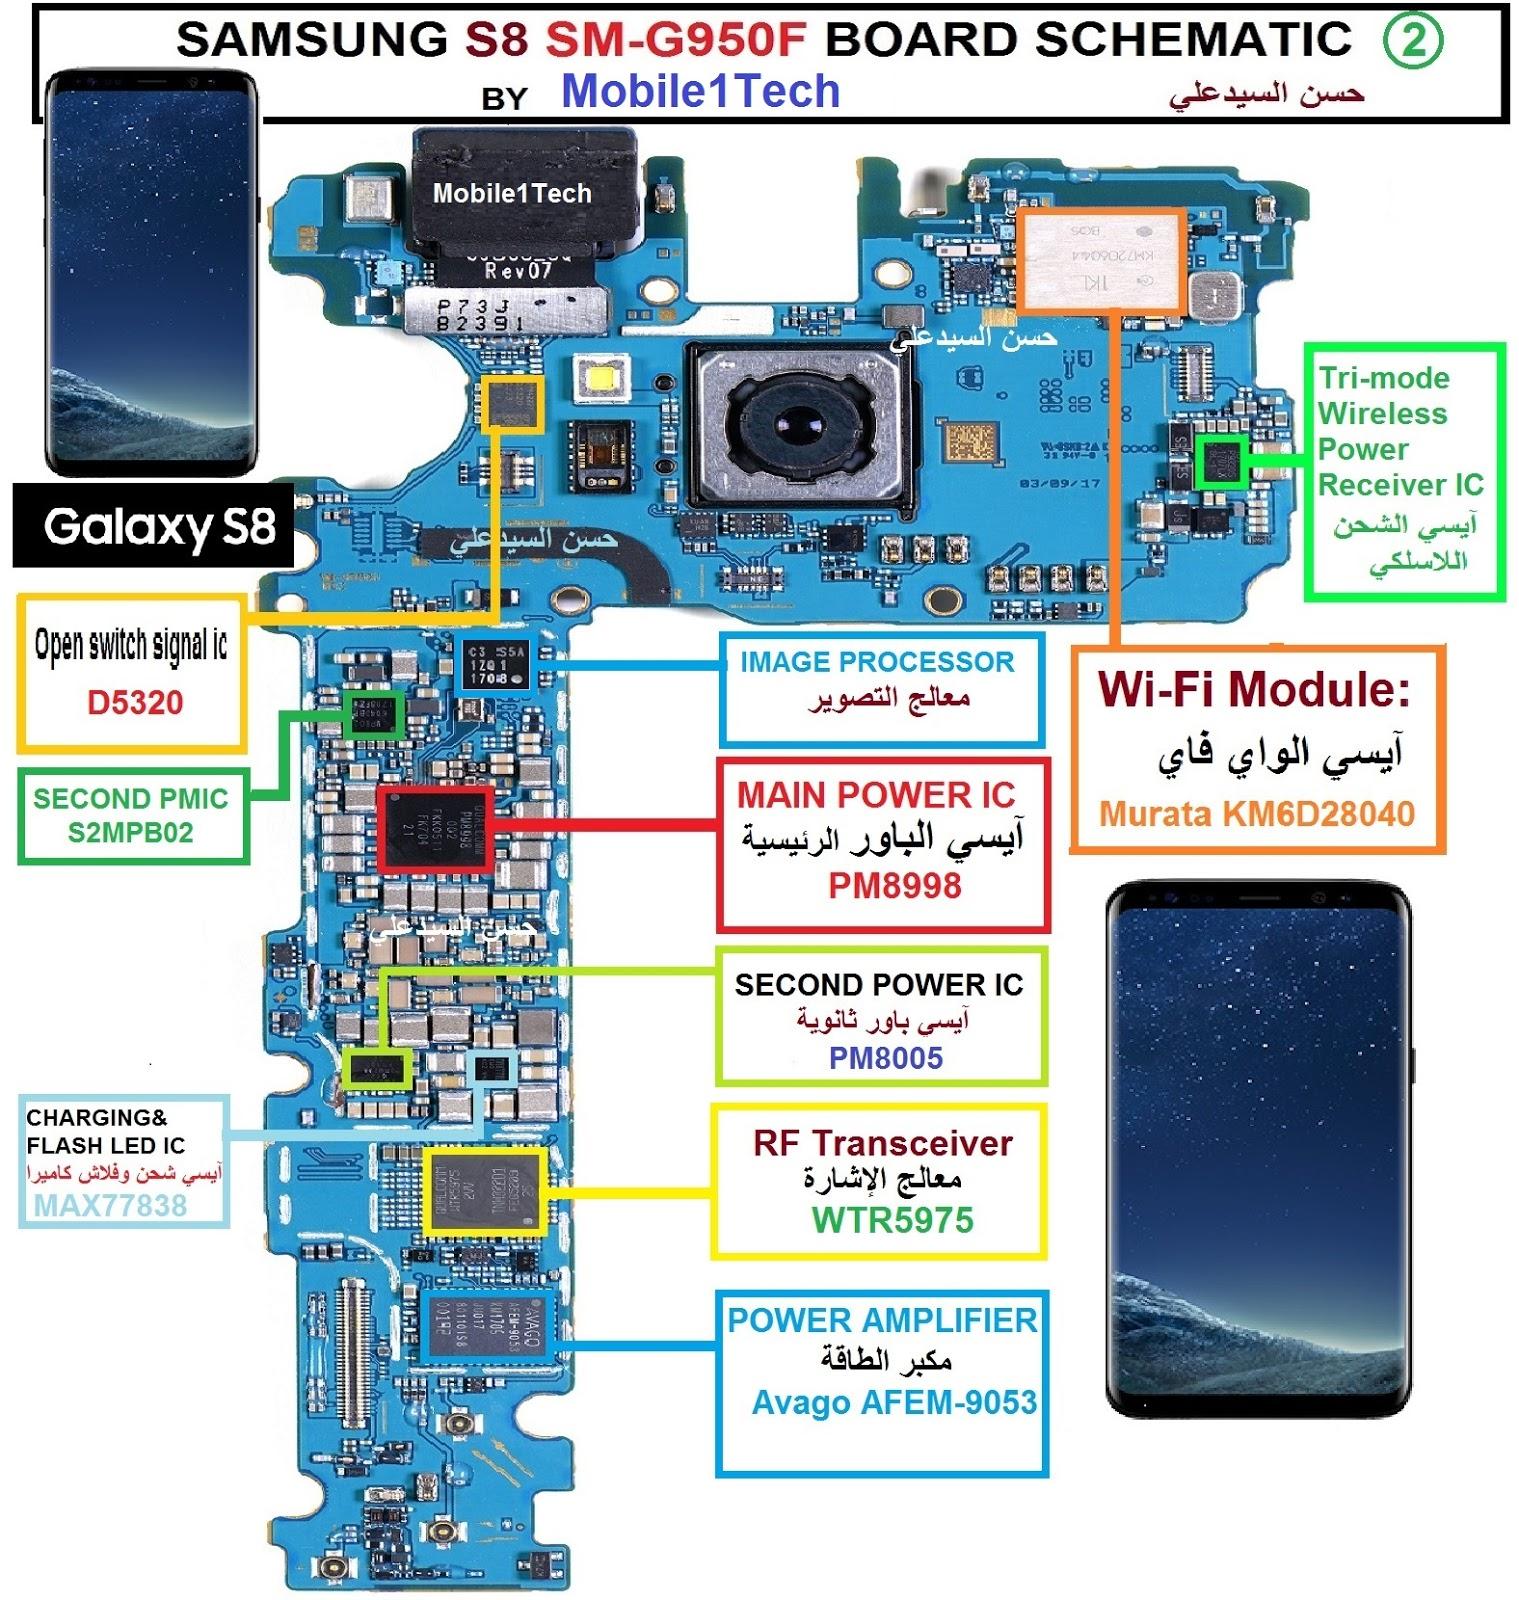 medium resolution of samsung s8 sm g950f board schematic s8